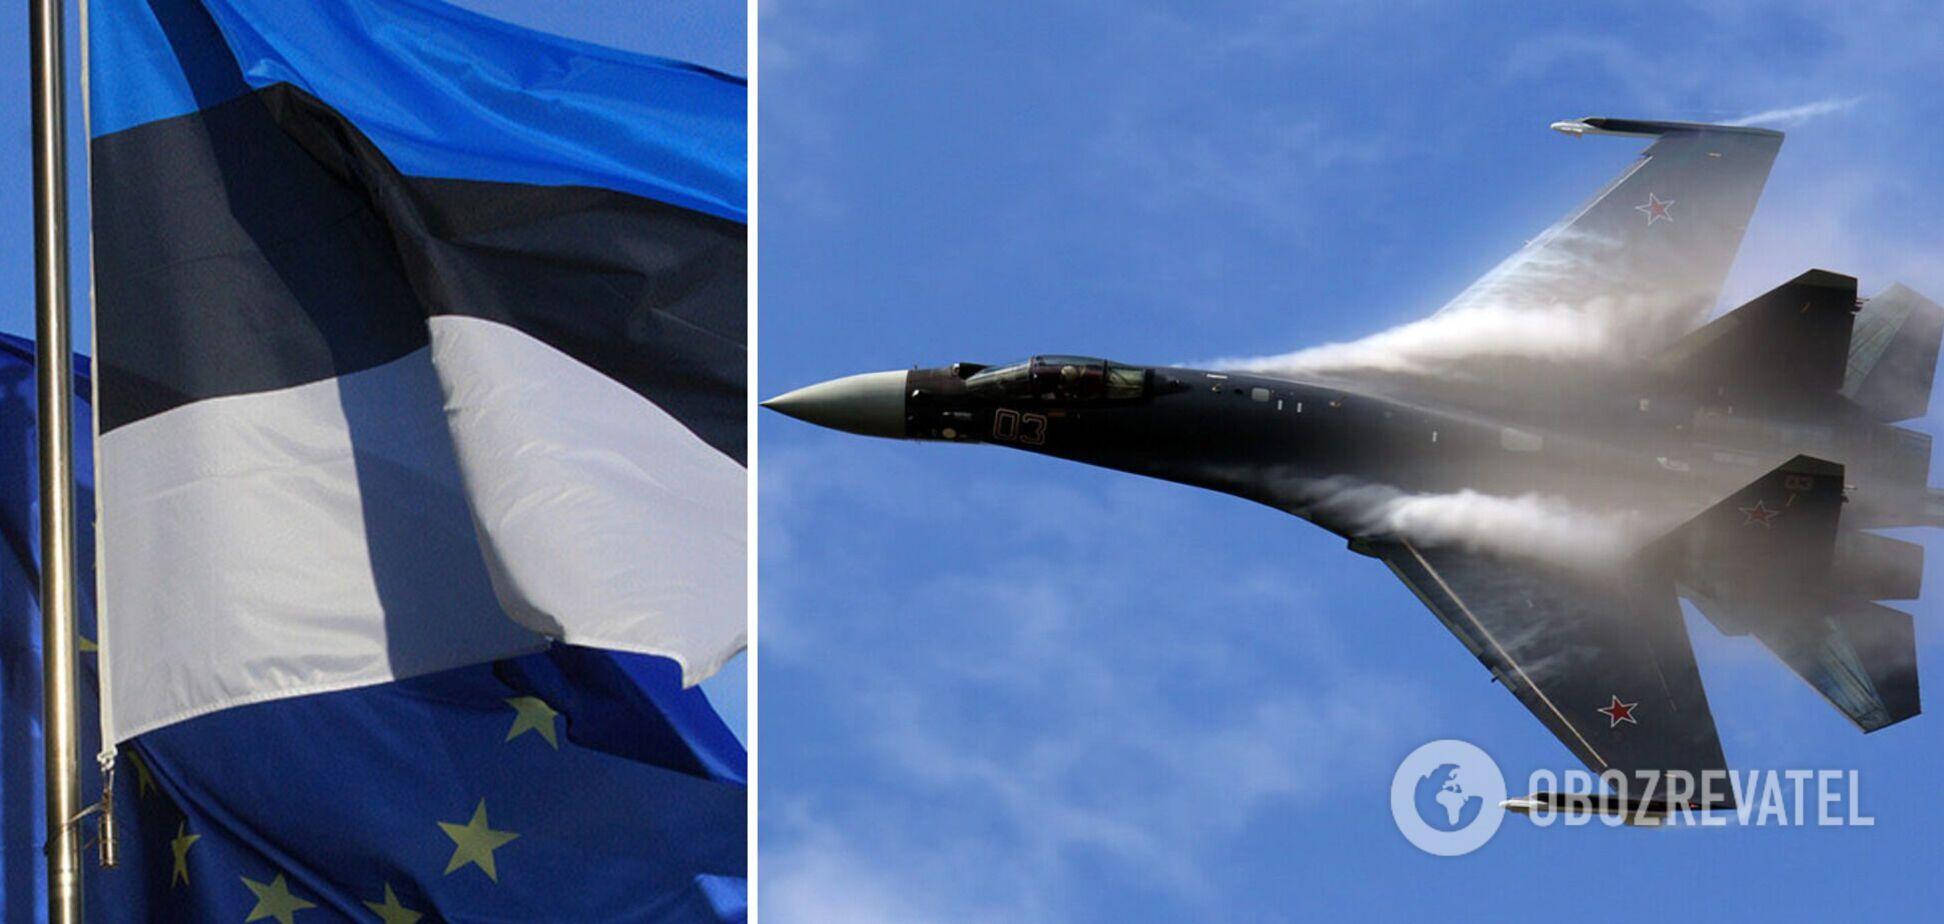 Эстония объявила о нарушении истребителями РФ своего воздушного пространства